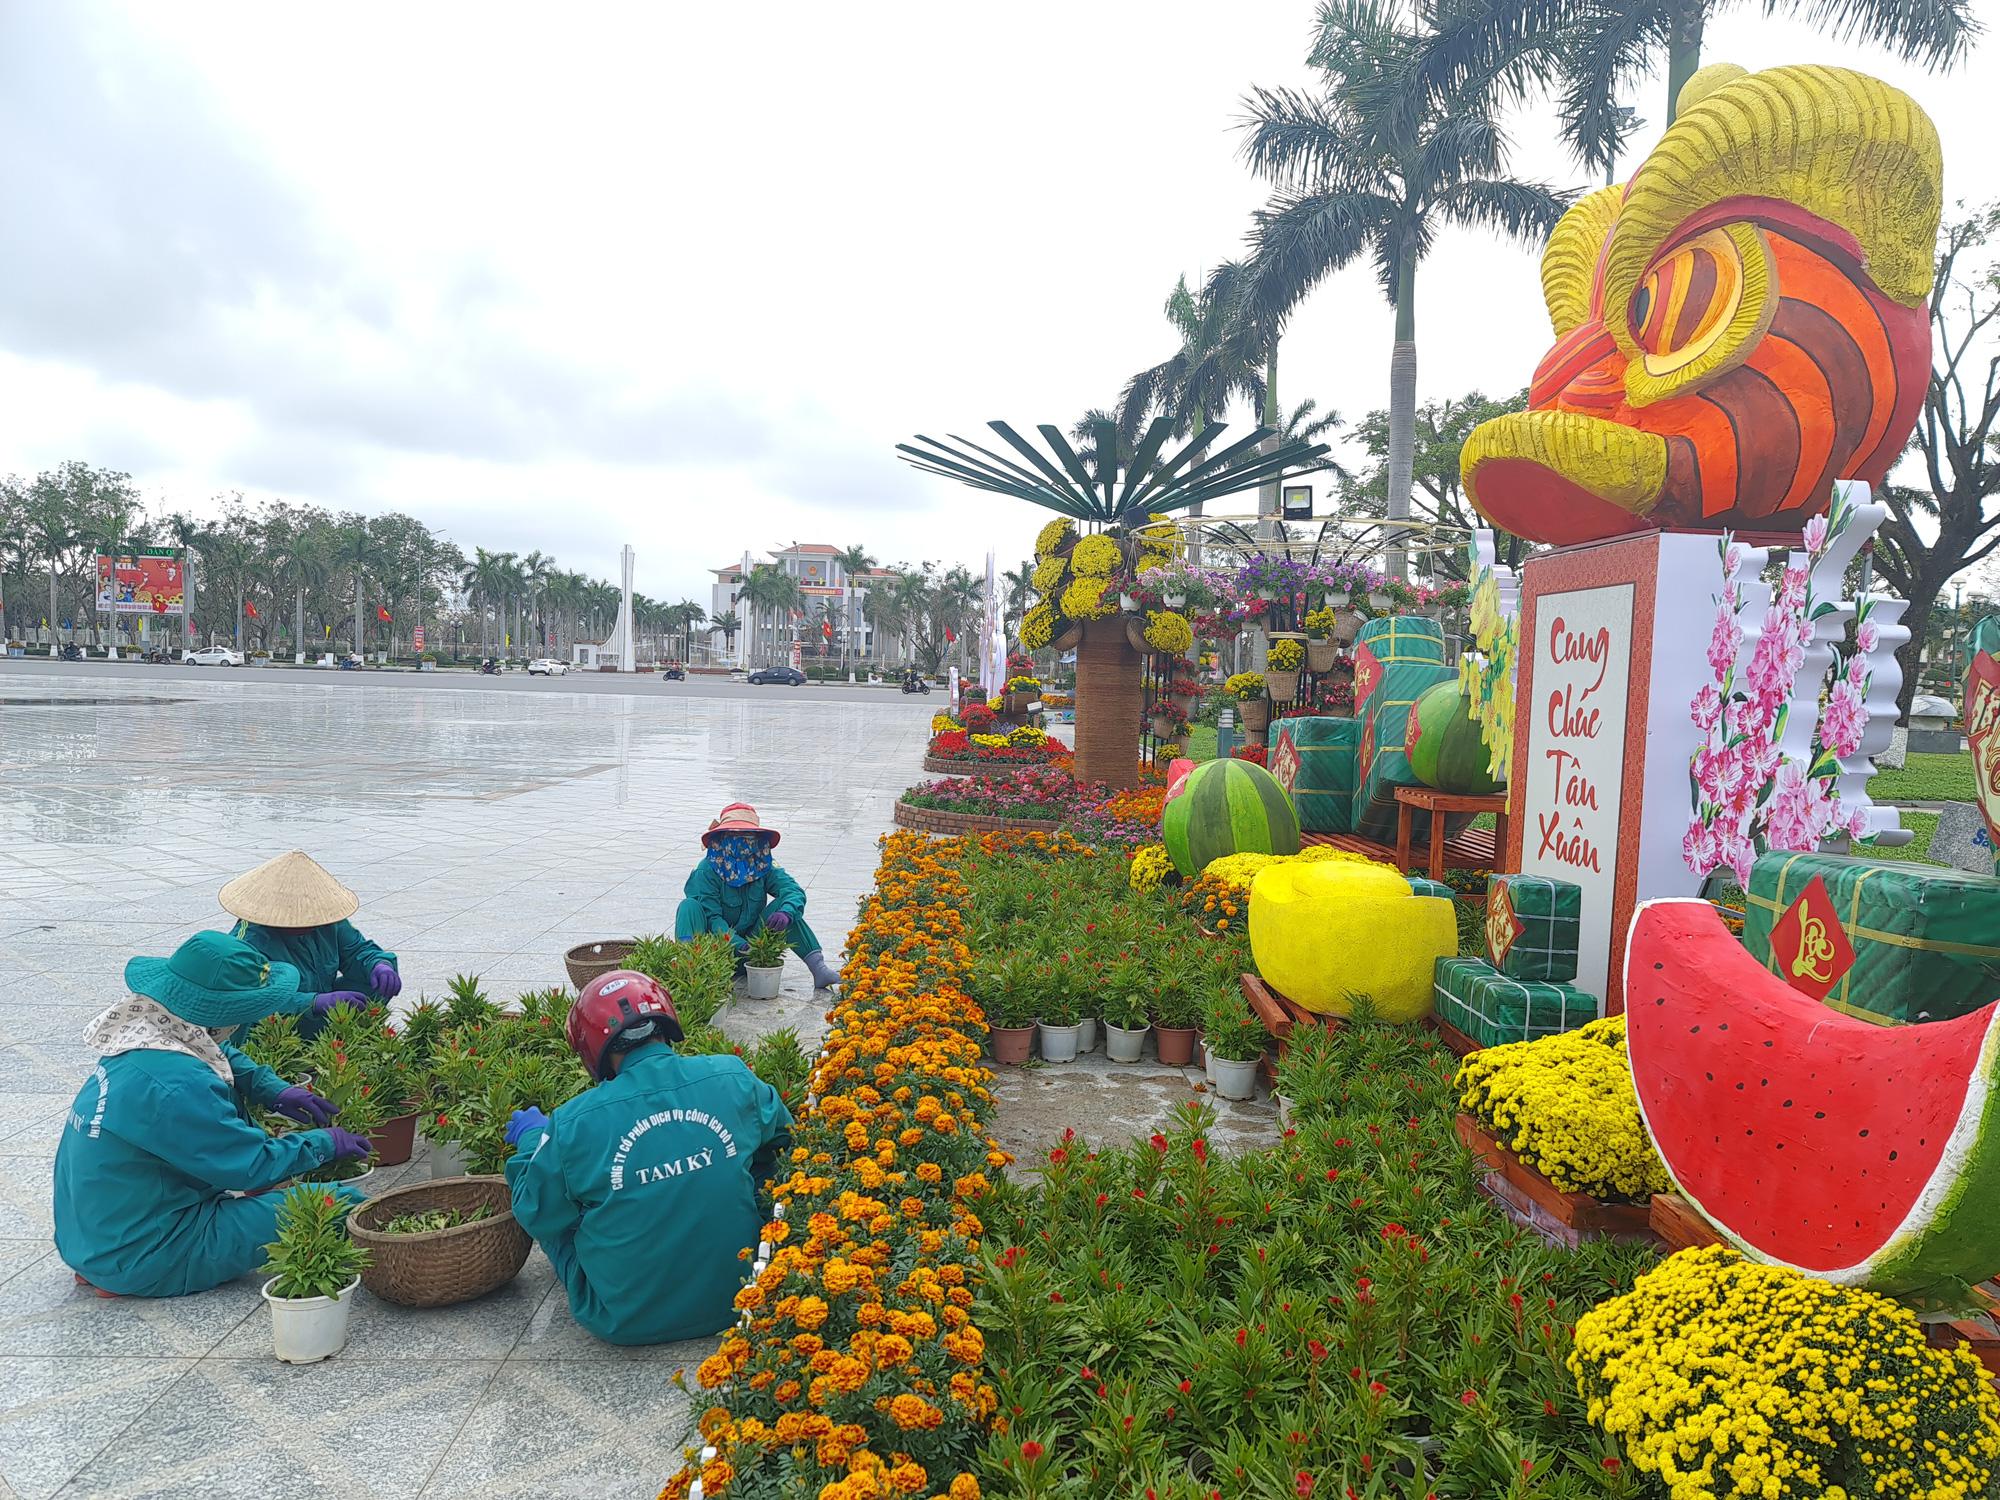 Quảng trường lớn nhất tỉnh Quảng Nam được trang trí bằng đồ nhà nông và hàng chục loại hoa sắc sảo - Ảnh 5.